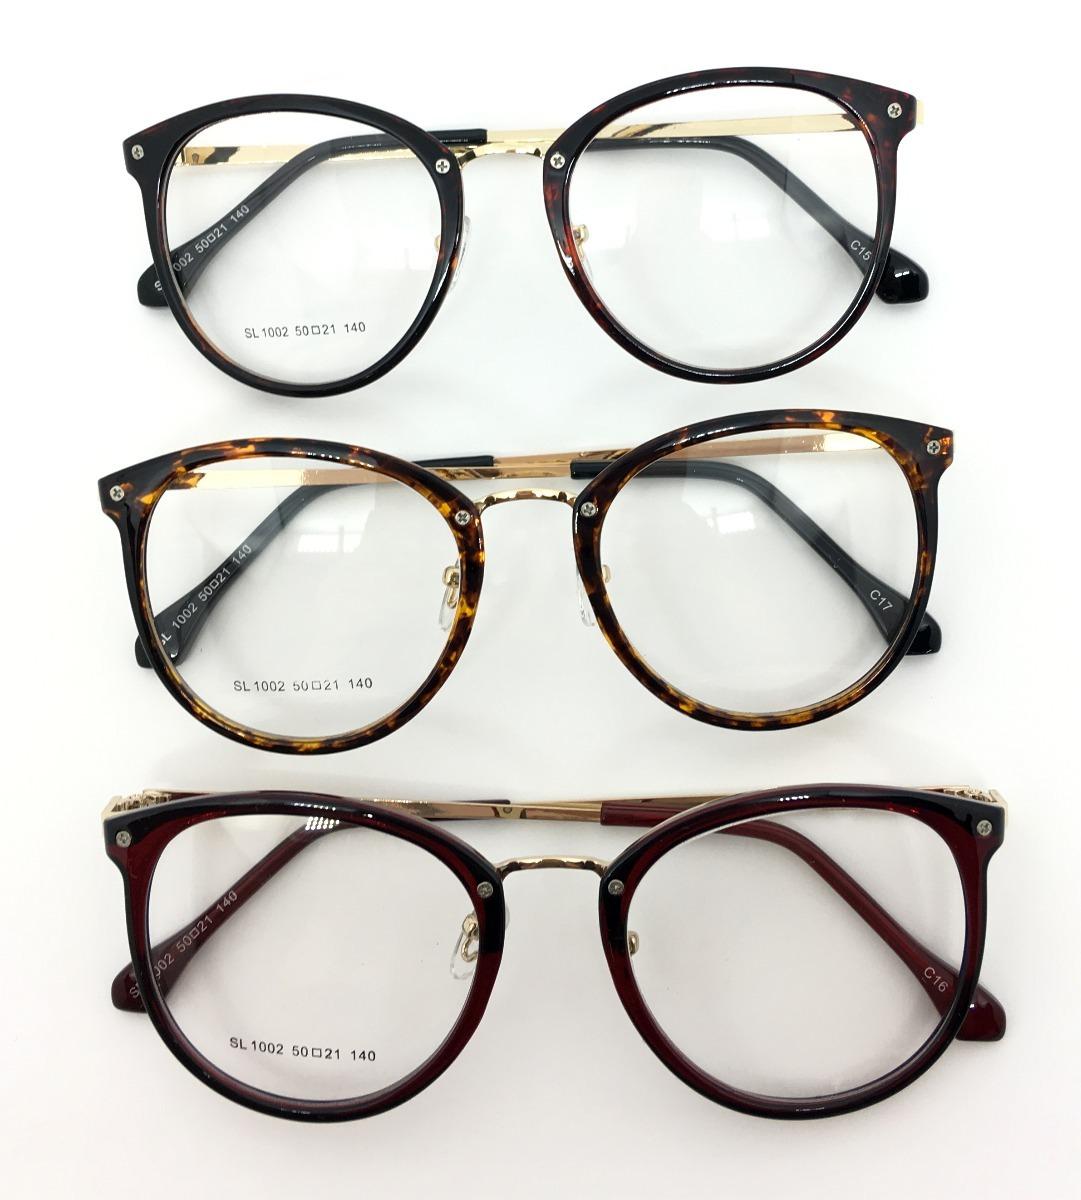 64682a272c777 armação óculos redondo vintage feminino varias cores 1002. Carregando zoom.